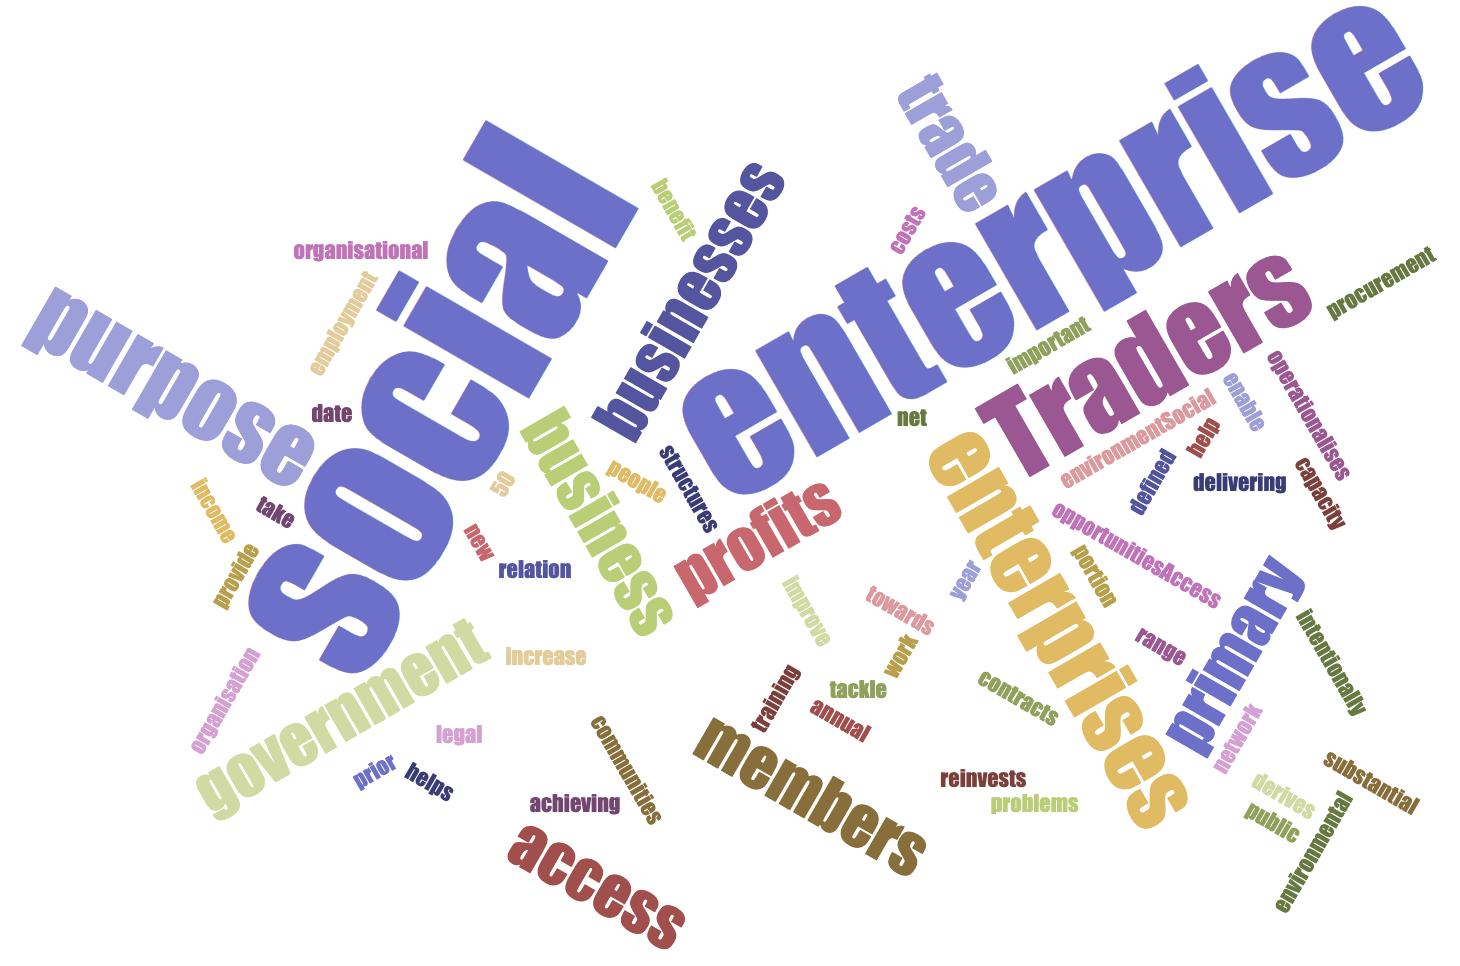 Social Enterprise Wordcloud